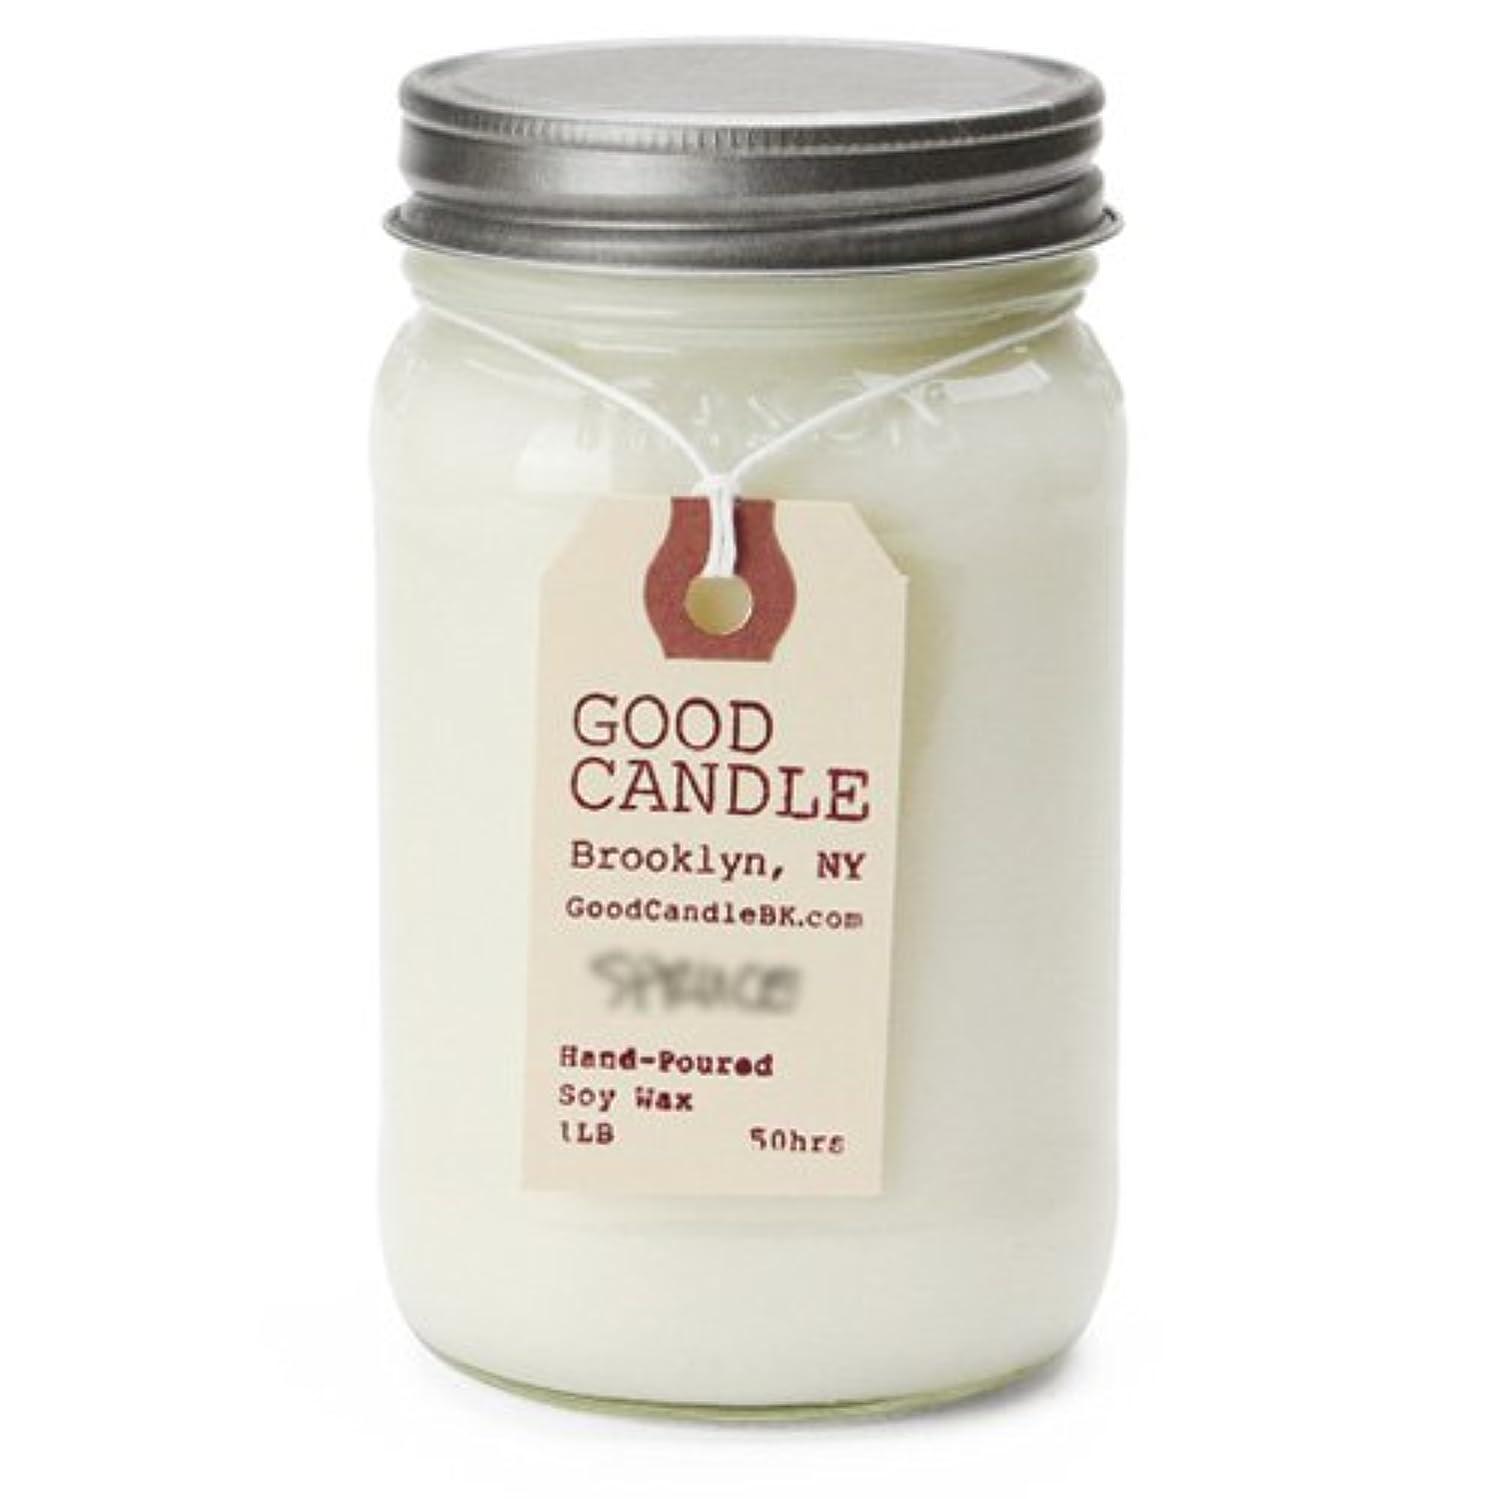 騙す効果的に予防接種グッドキャンドル 1ポンド メイソンジャー キャンドル Good Candle 1LB Mason jar candle [ Wash board ] 正規品